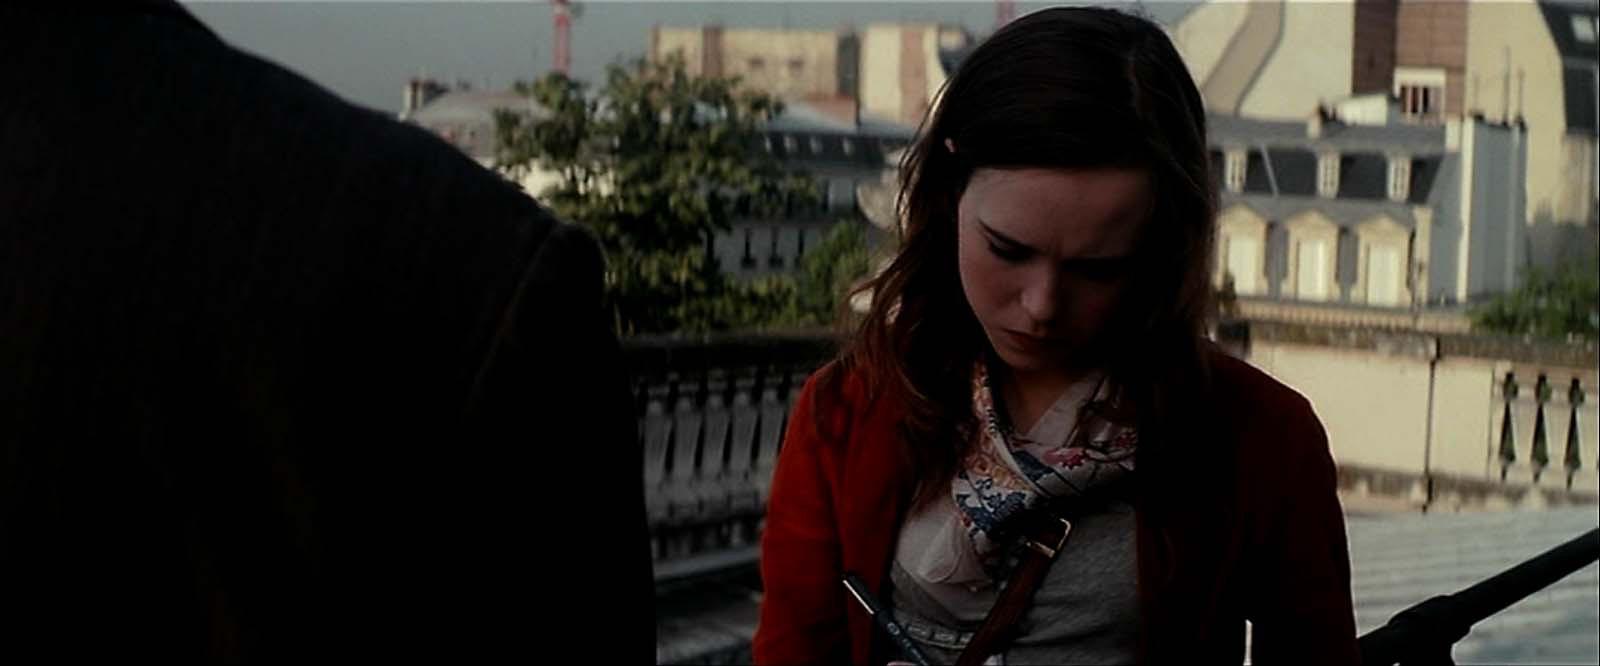 Imagen de Inception. Image de Cortesía de Warner Bros.